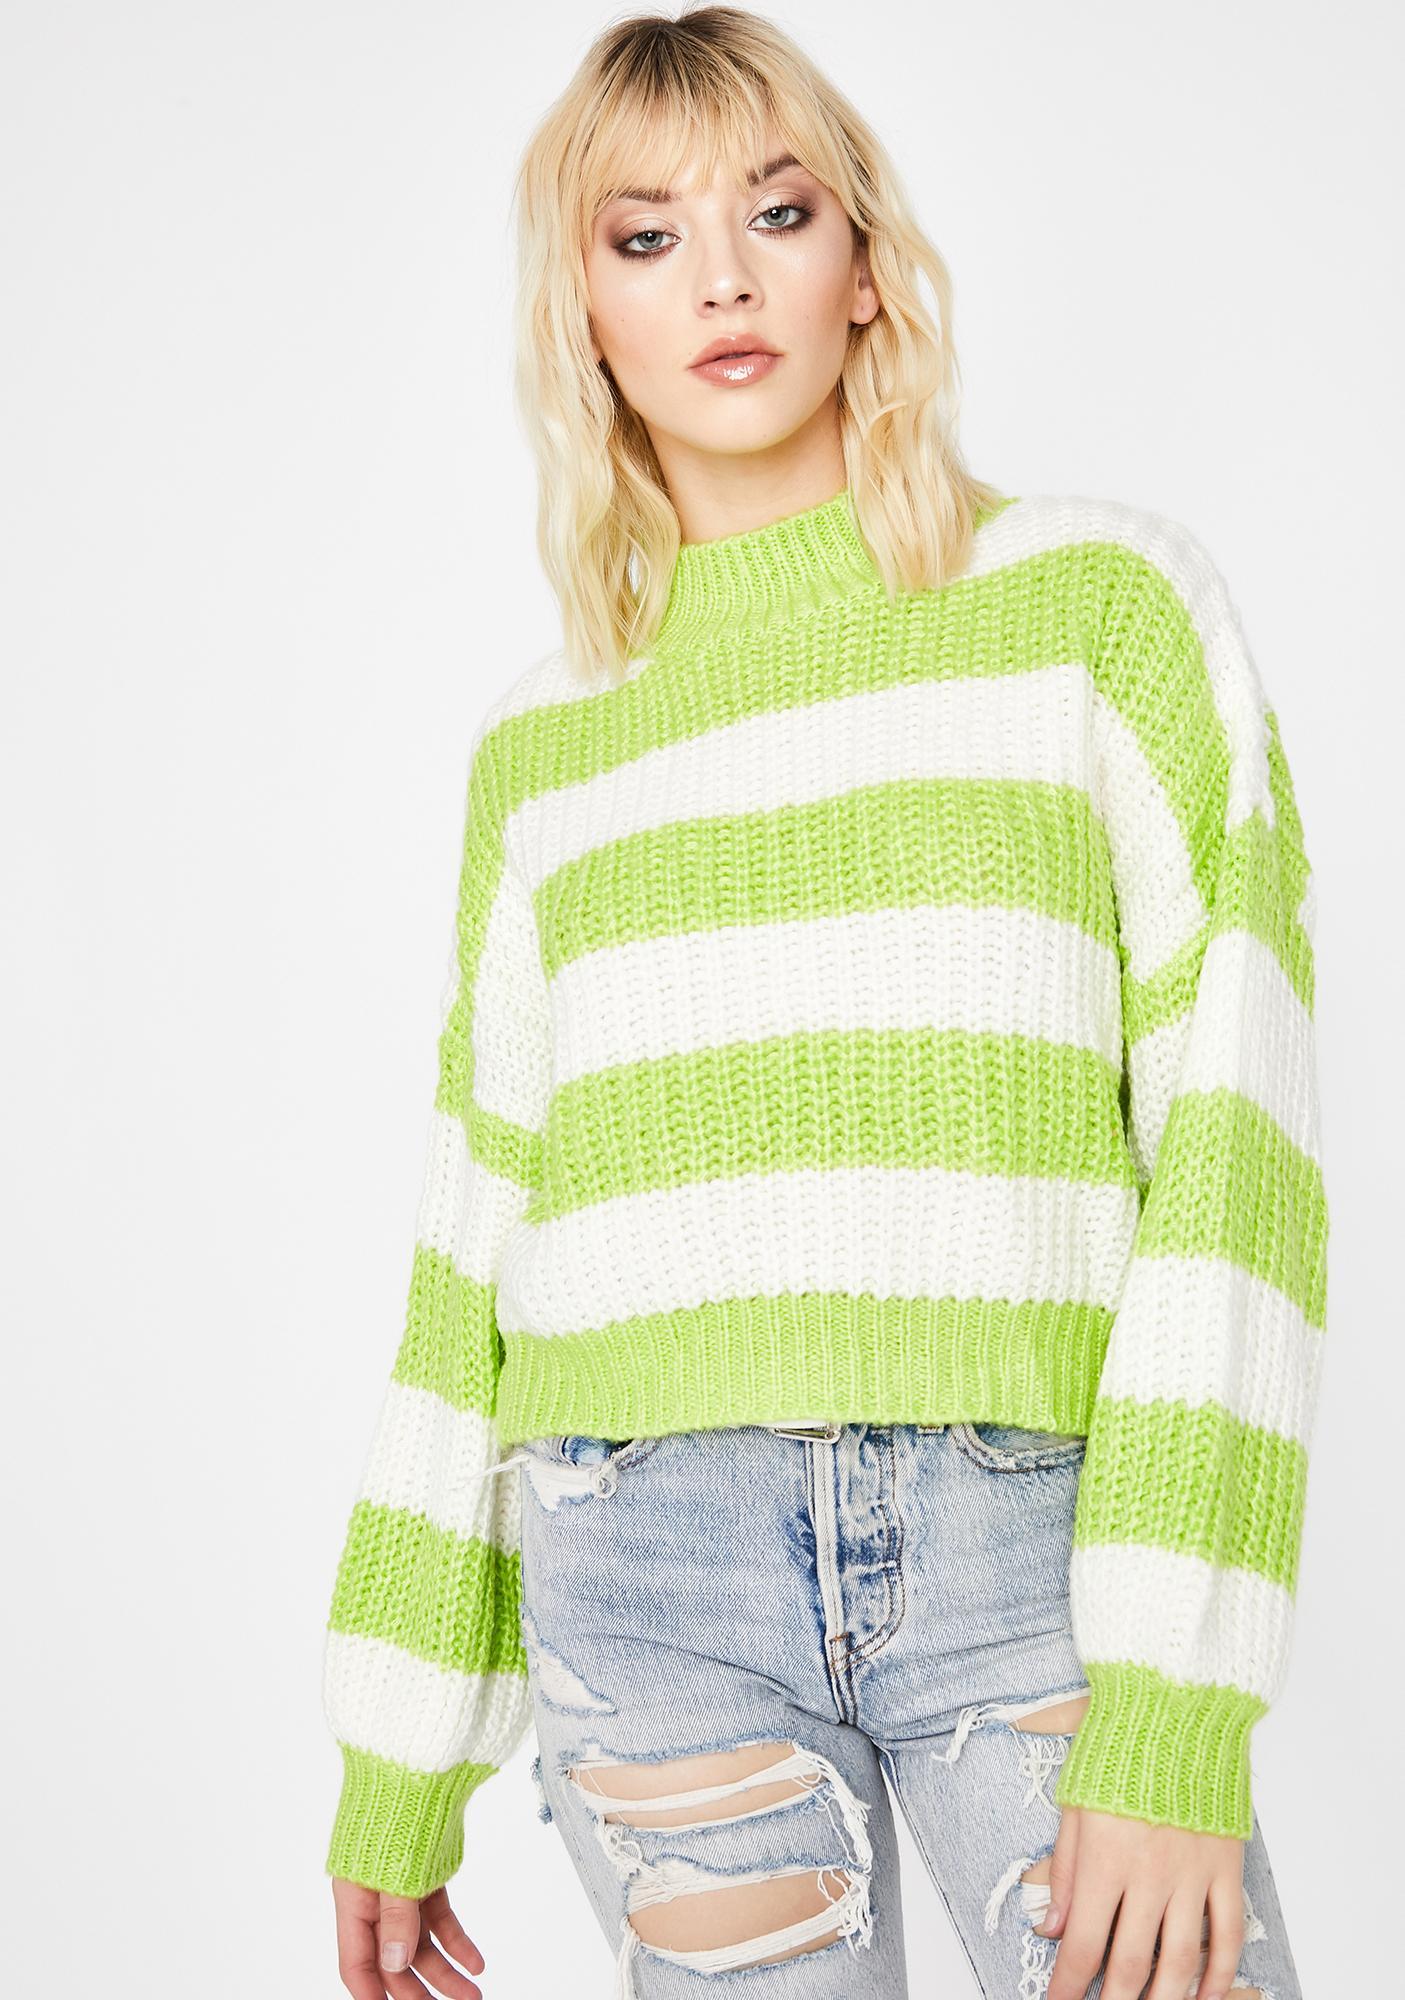 Kiwi Growing Tired Striped Sweater